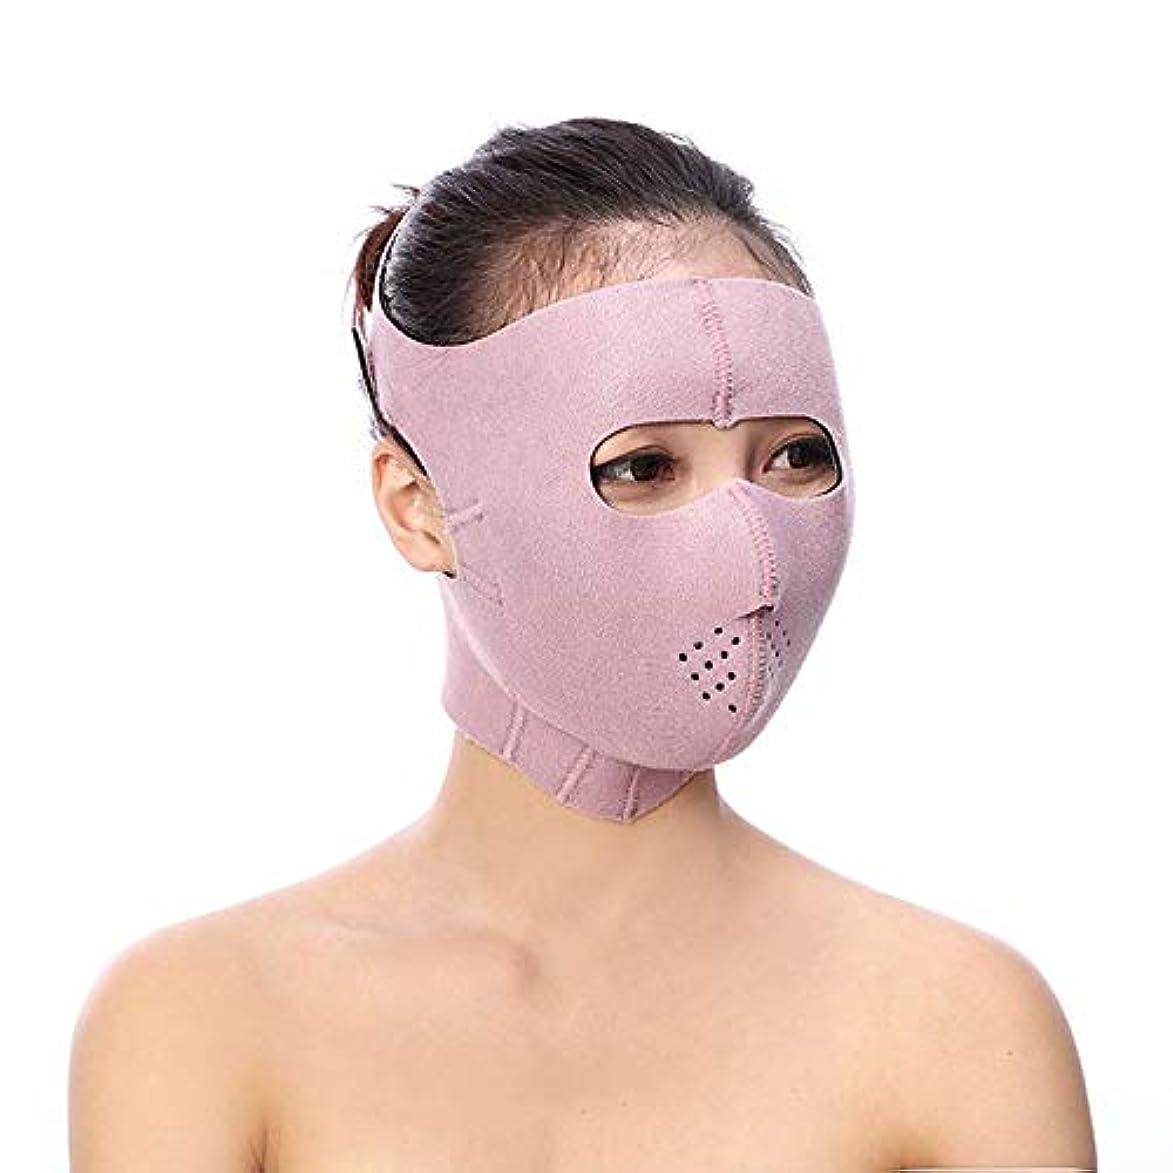 ソロアメリカ習字Minmin フェイシャルリフティング痩身ベルト - Vフェイス包帯マスクフェイシャルマッサージャー無料の薄いフェイス包帯整形マスクを引き締める顔と首の顔スリム みんみんVラインフェイスマスク